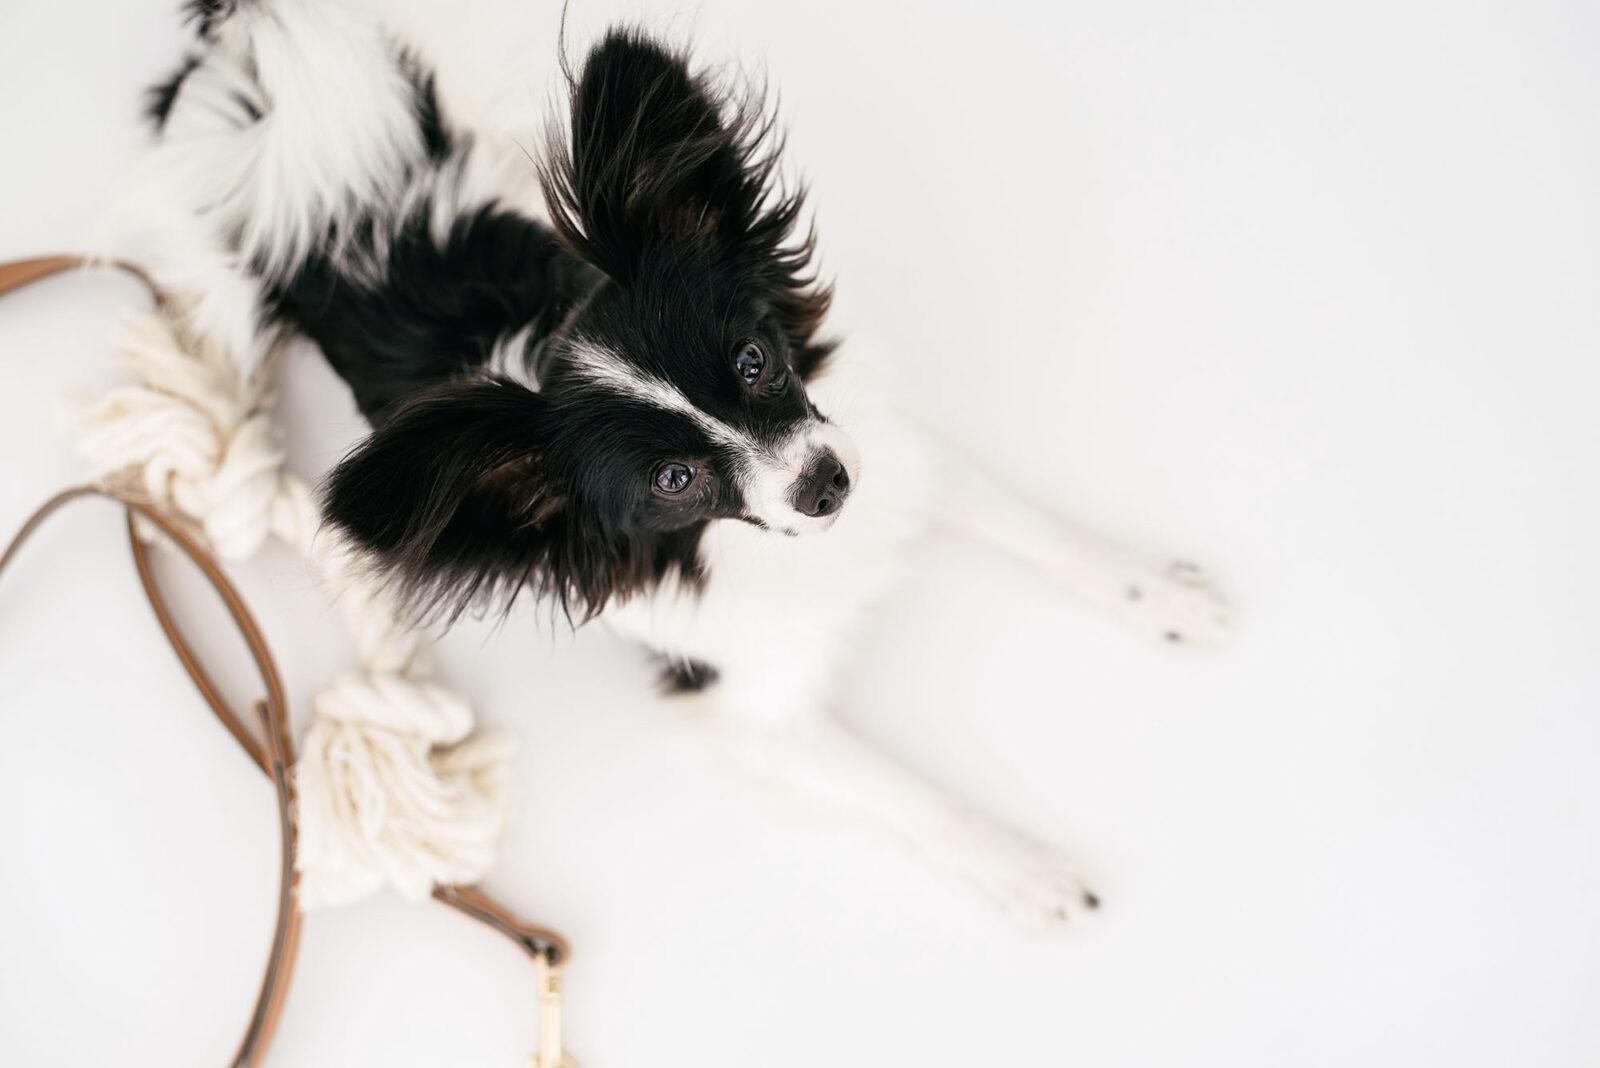 pet dog animal